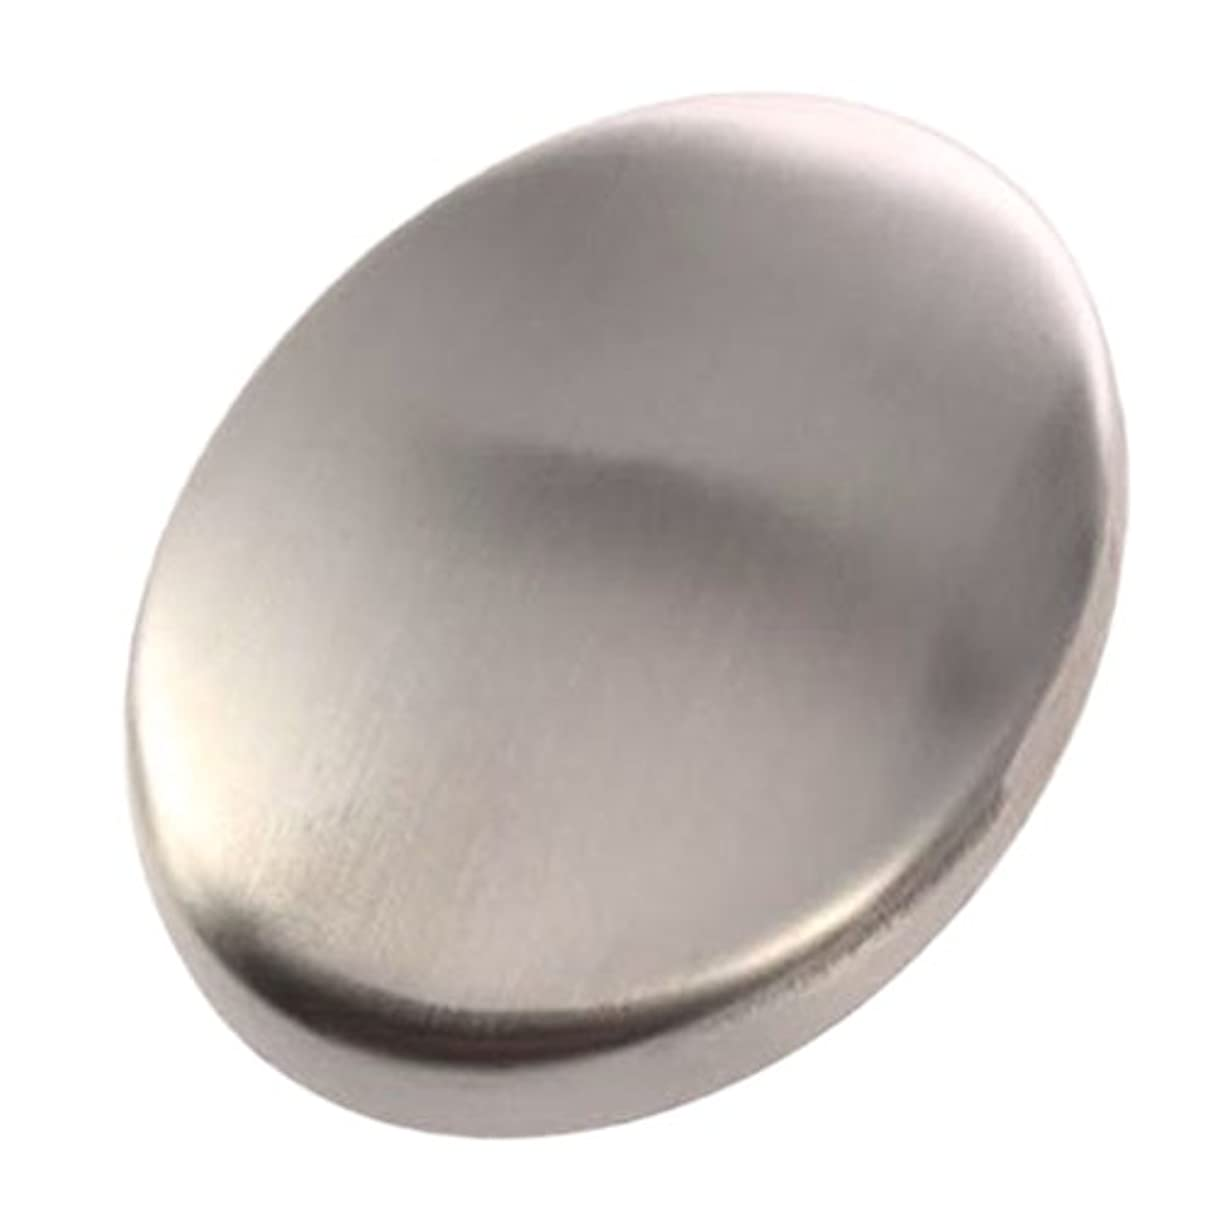 命令的について振り返るZafina ステンレスソープ 円形 においとりソープ 臭い取り ステンレス石鹸